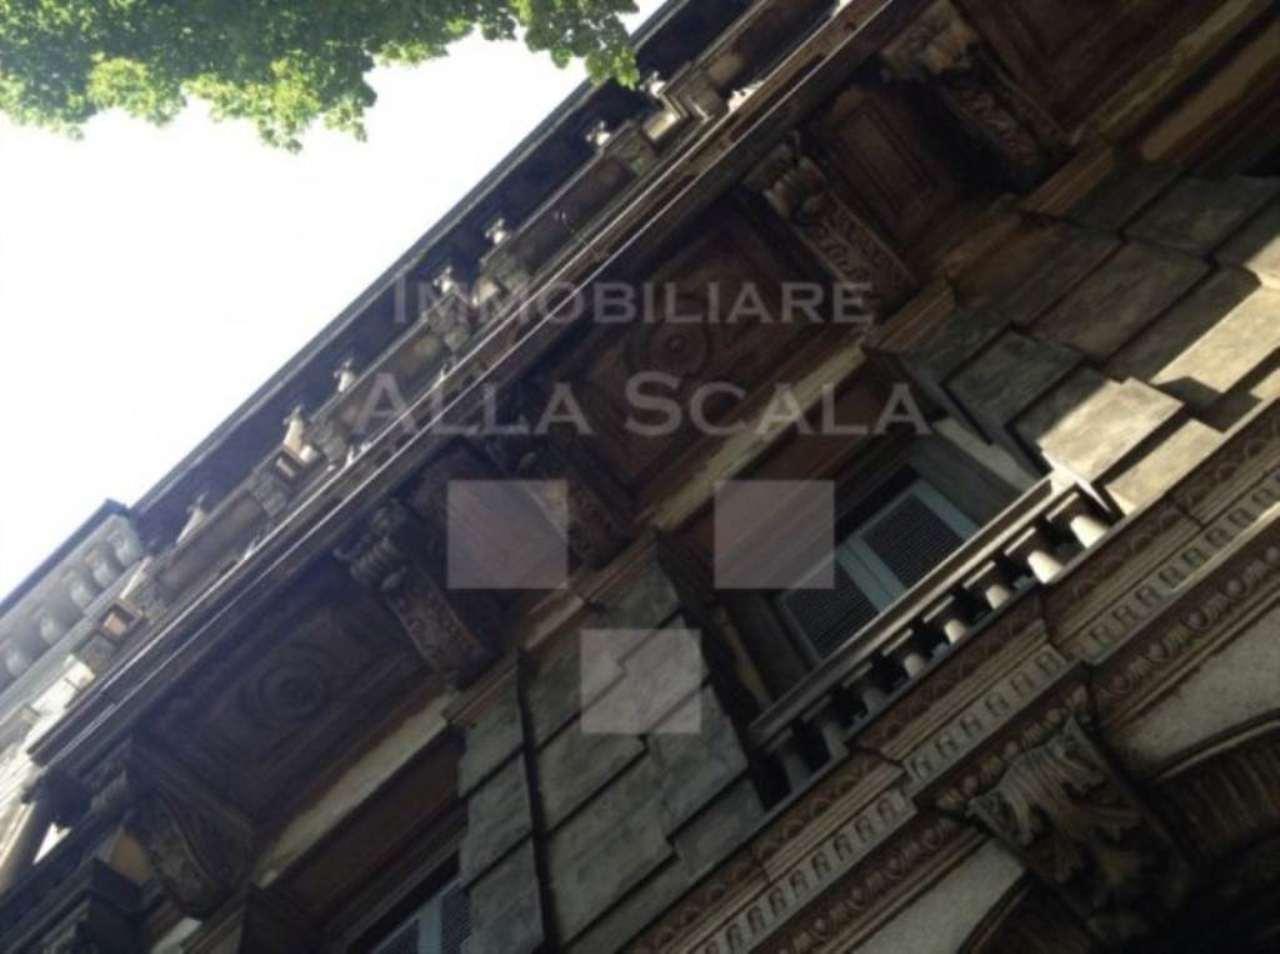 Appartamento in affitto a Milano, 5 locali, zona Zona: 1 . Centro Storico, Duomo, Brera, Cadorna, Cattolica, prezzo € 3.000 | Cambio Casa.it